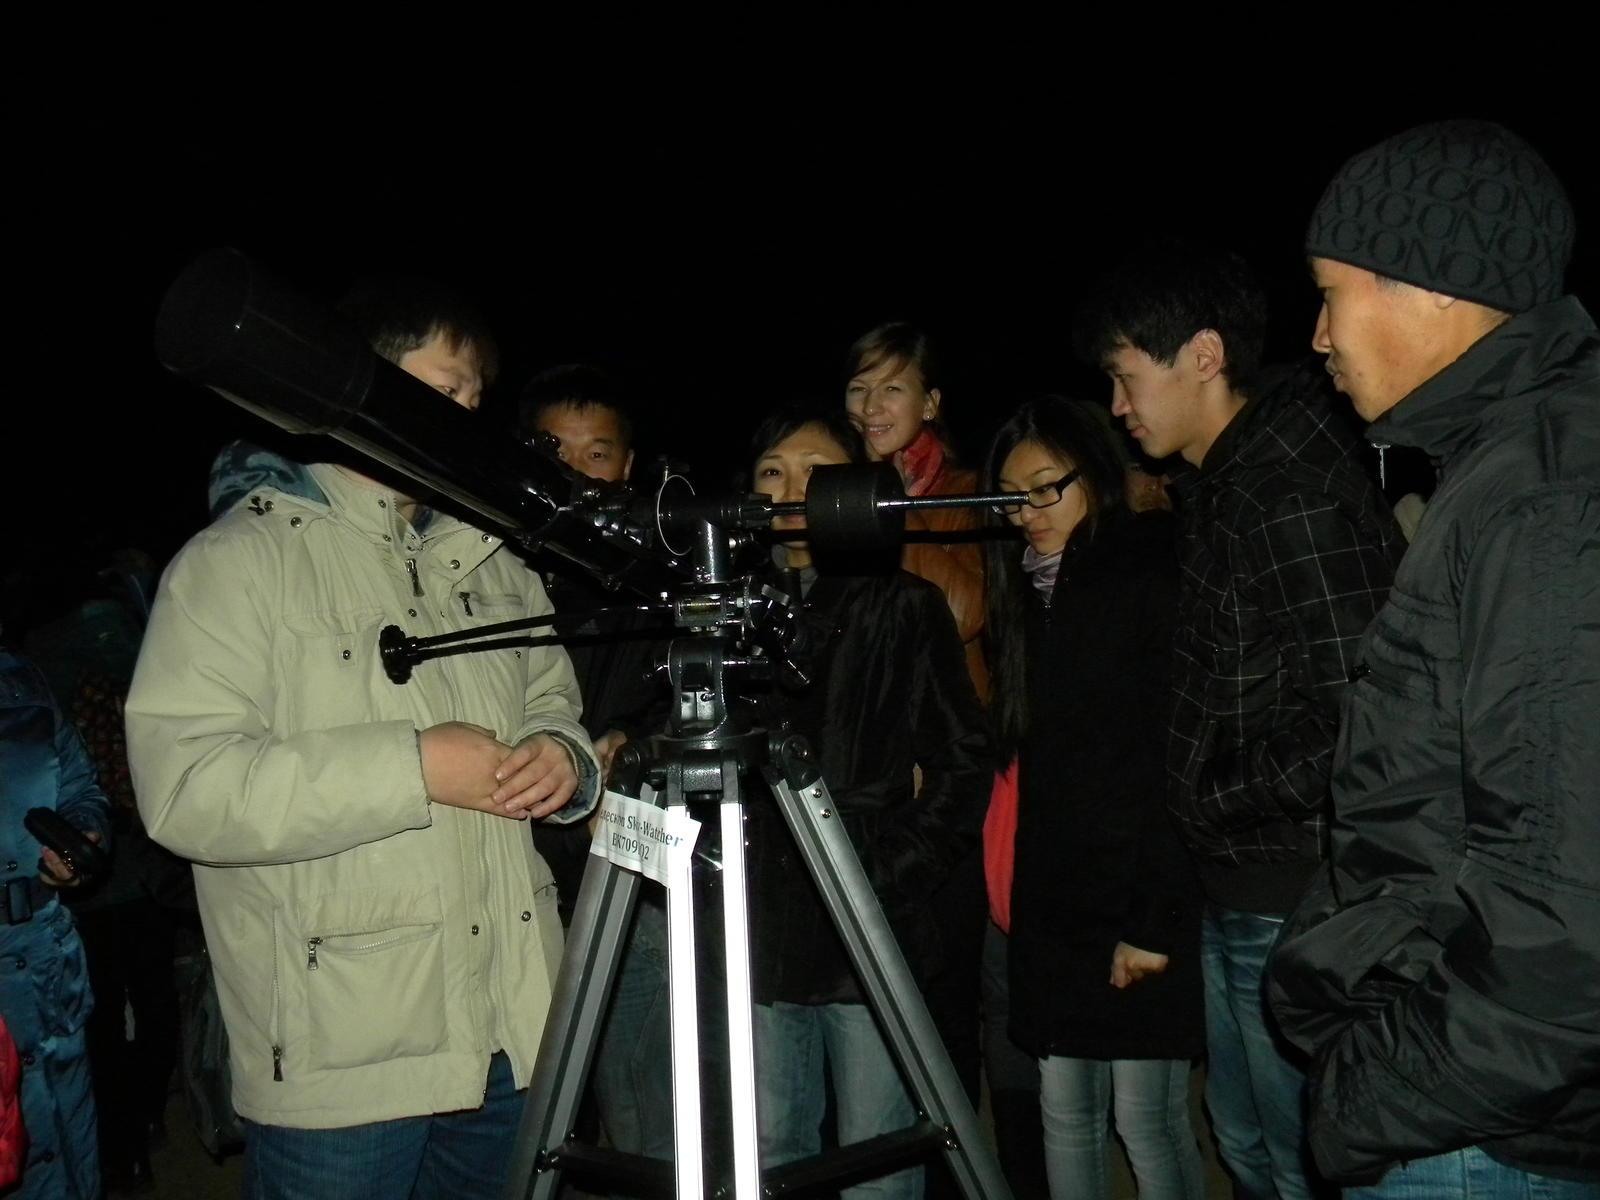 Ulanovka Astrofest 2010 - Первый улан-удэнский астрономический фестиваль